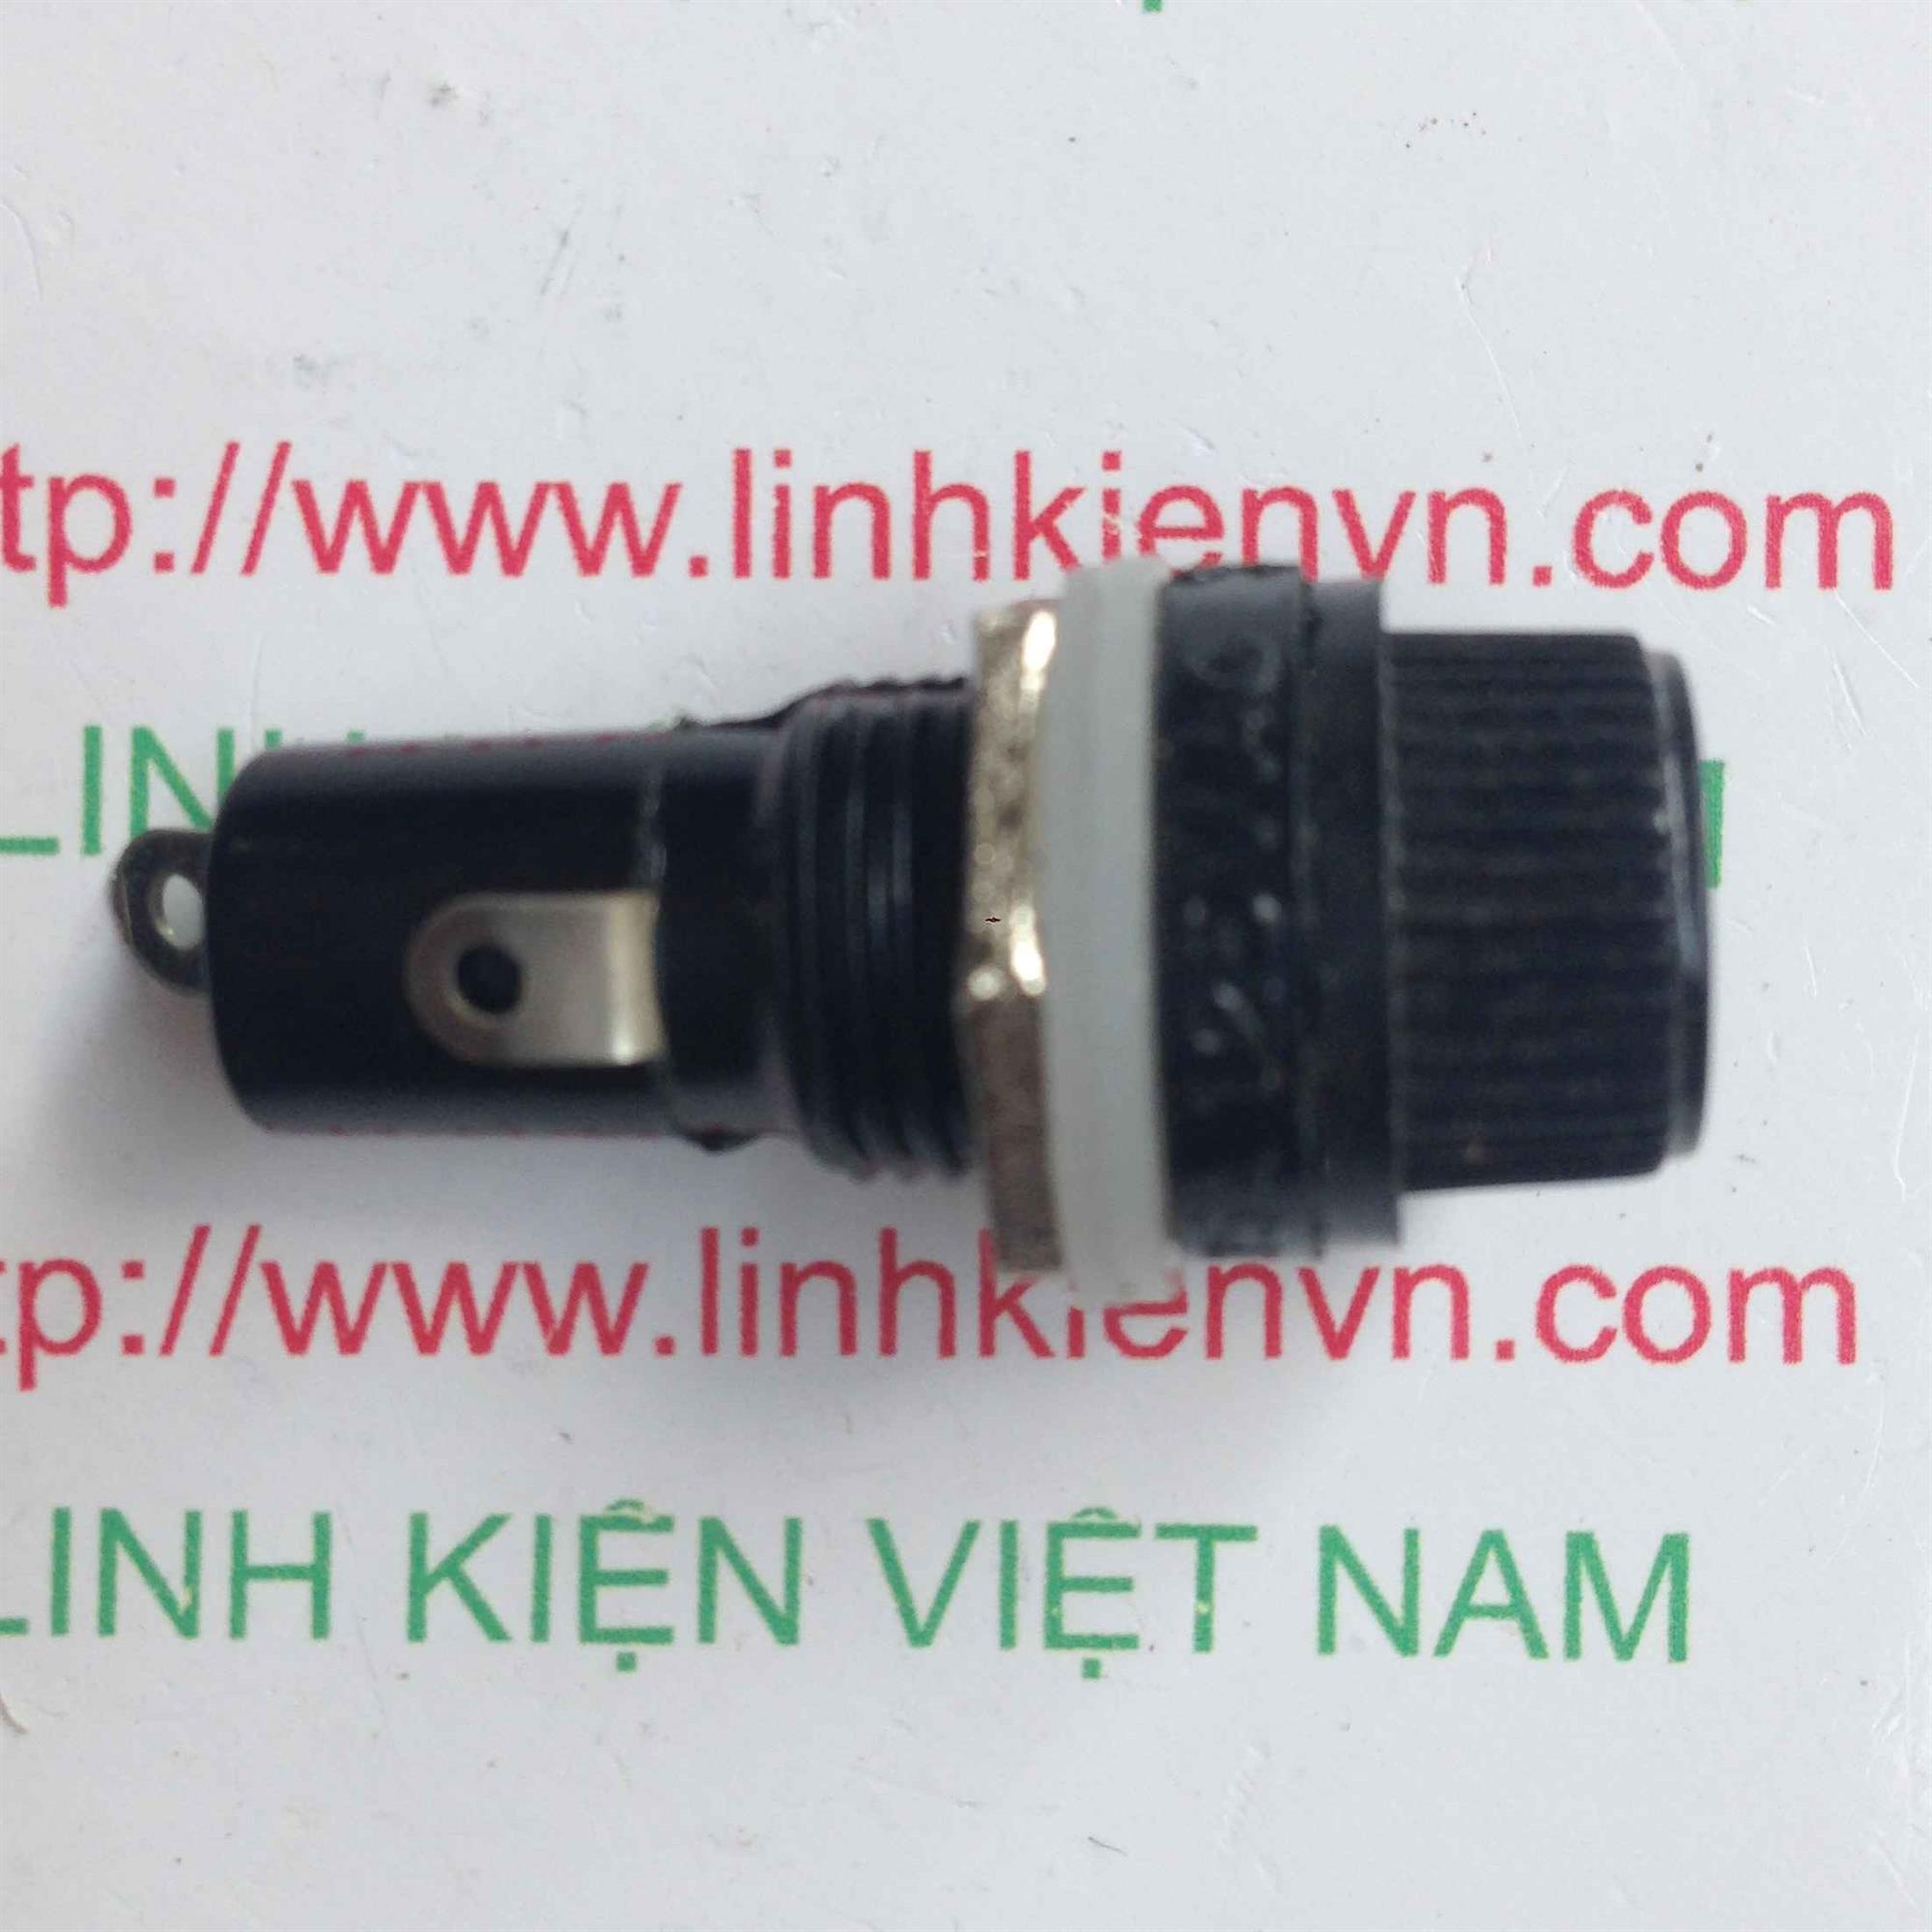 Vỏ cầu chì 5x20mm đường kính 12mm - B10H6